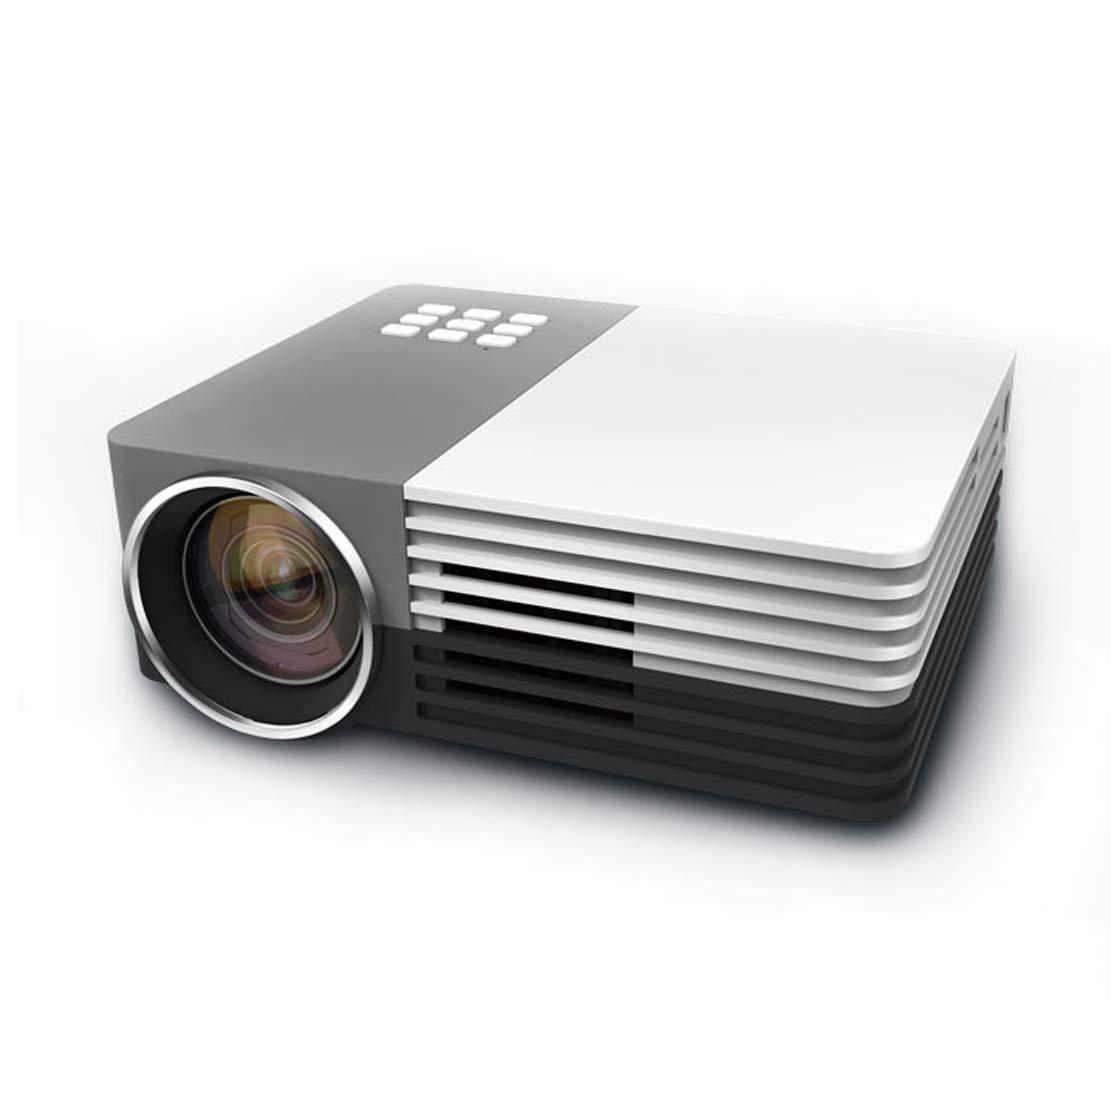 プロジェクター HD 1080 Pミニポータブル短焦点投影寿命20000時間以上HDMI USB VGAなどのさまざまなソースとの互換性 B07RPNMHB4